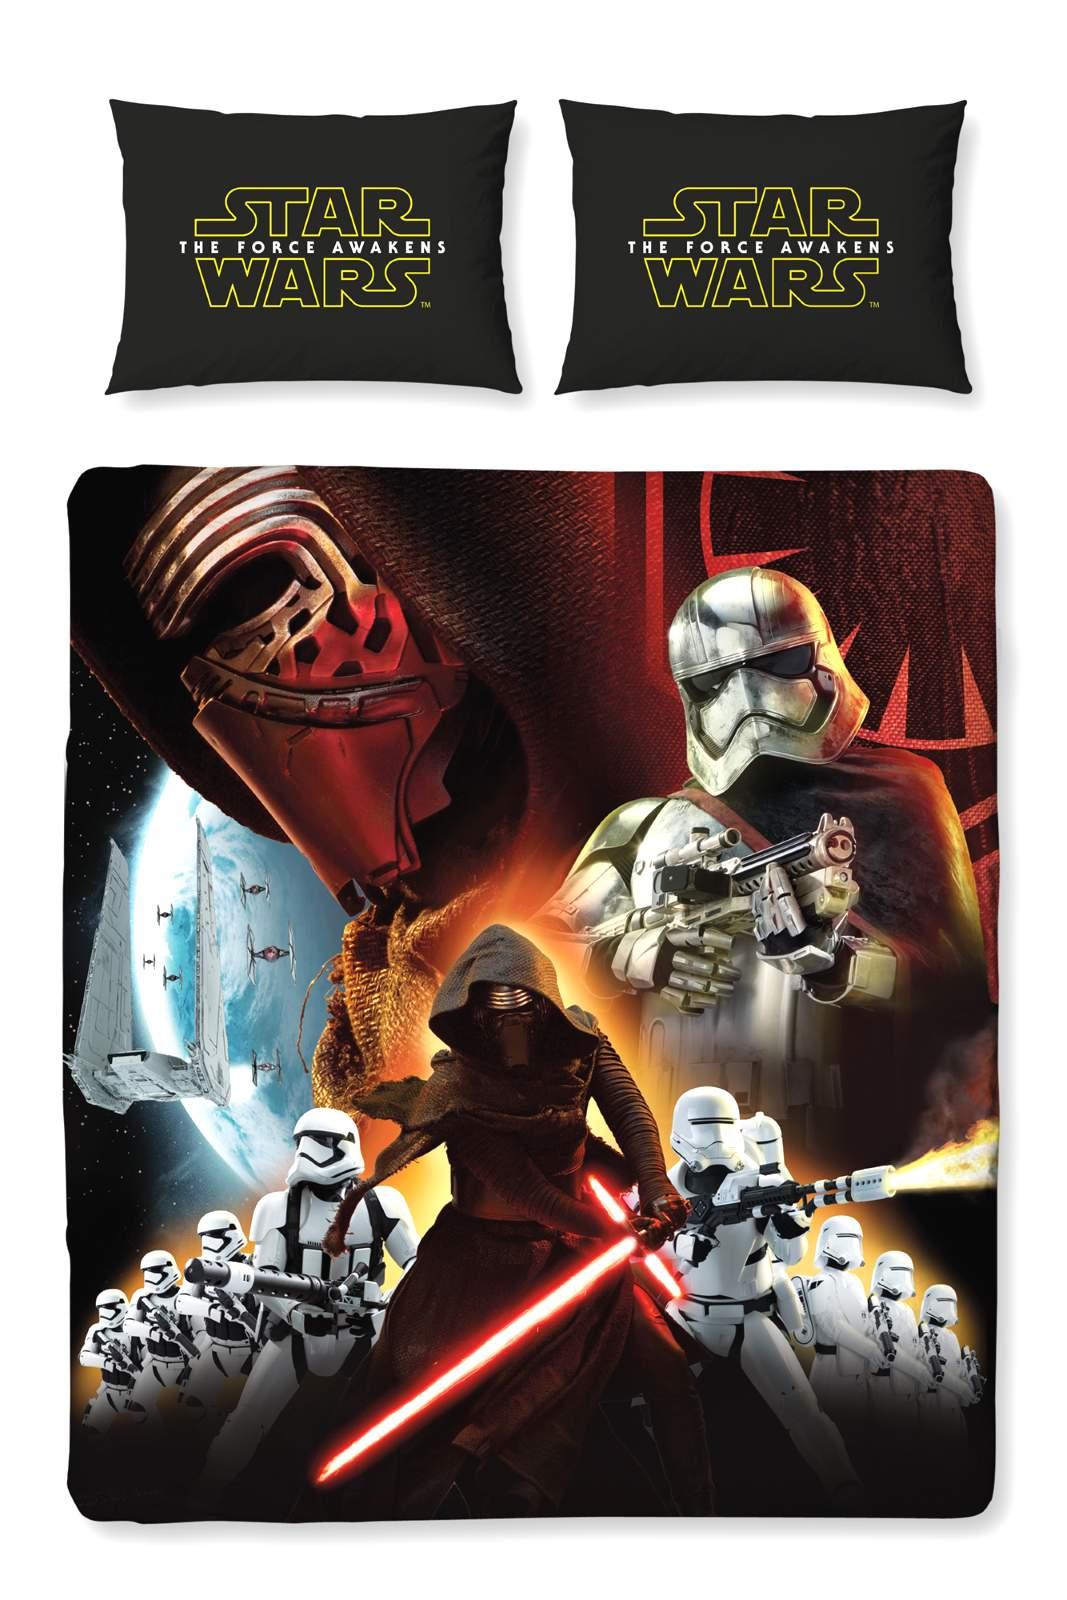 New Disney Star Wars Quot Awaken Quot Double Duvet Quilt Cover